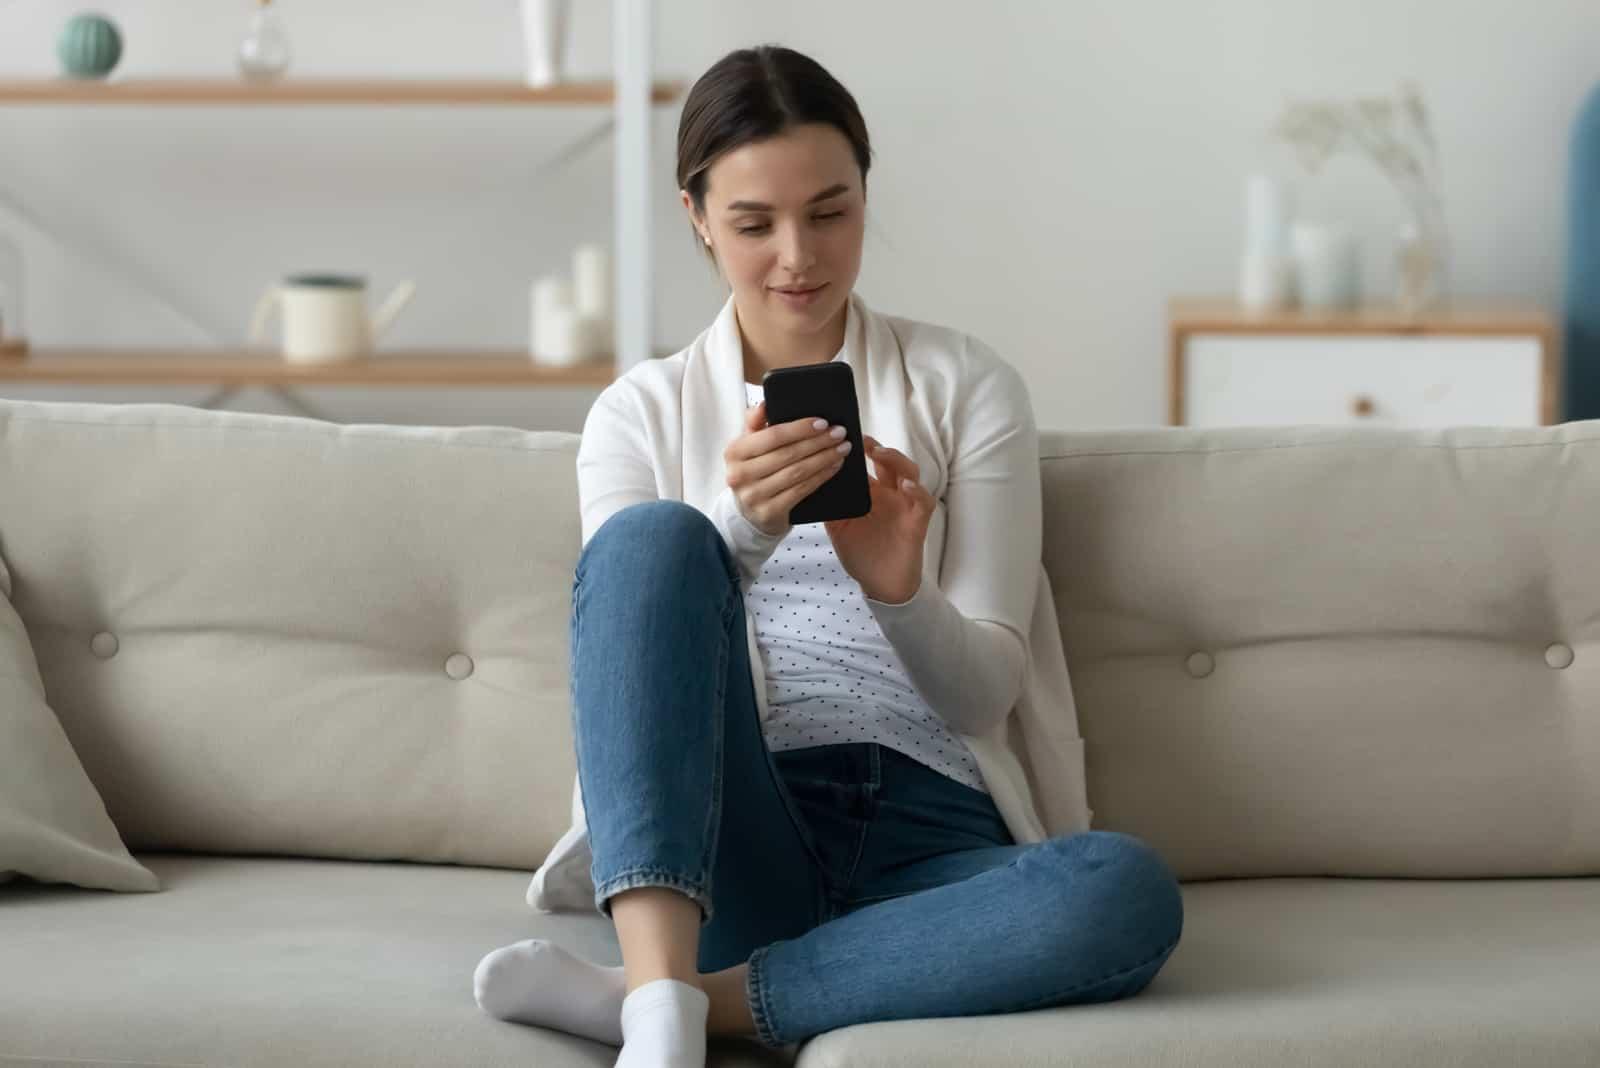 une femme est assise sur le canapé et un bouton sur le téléphone